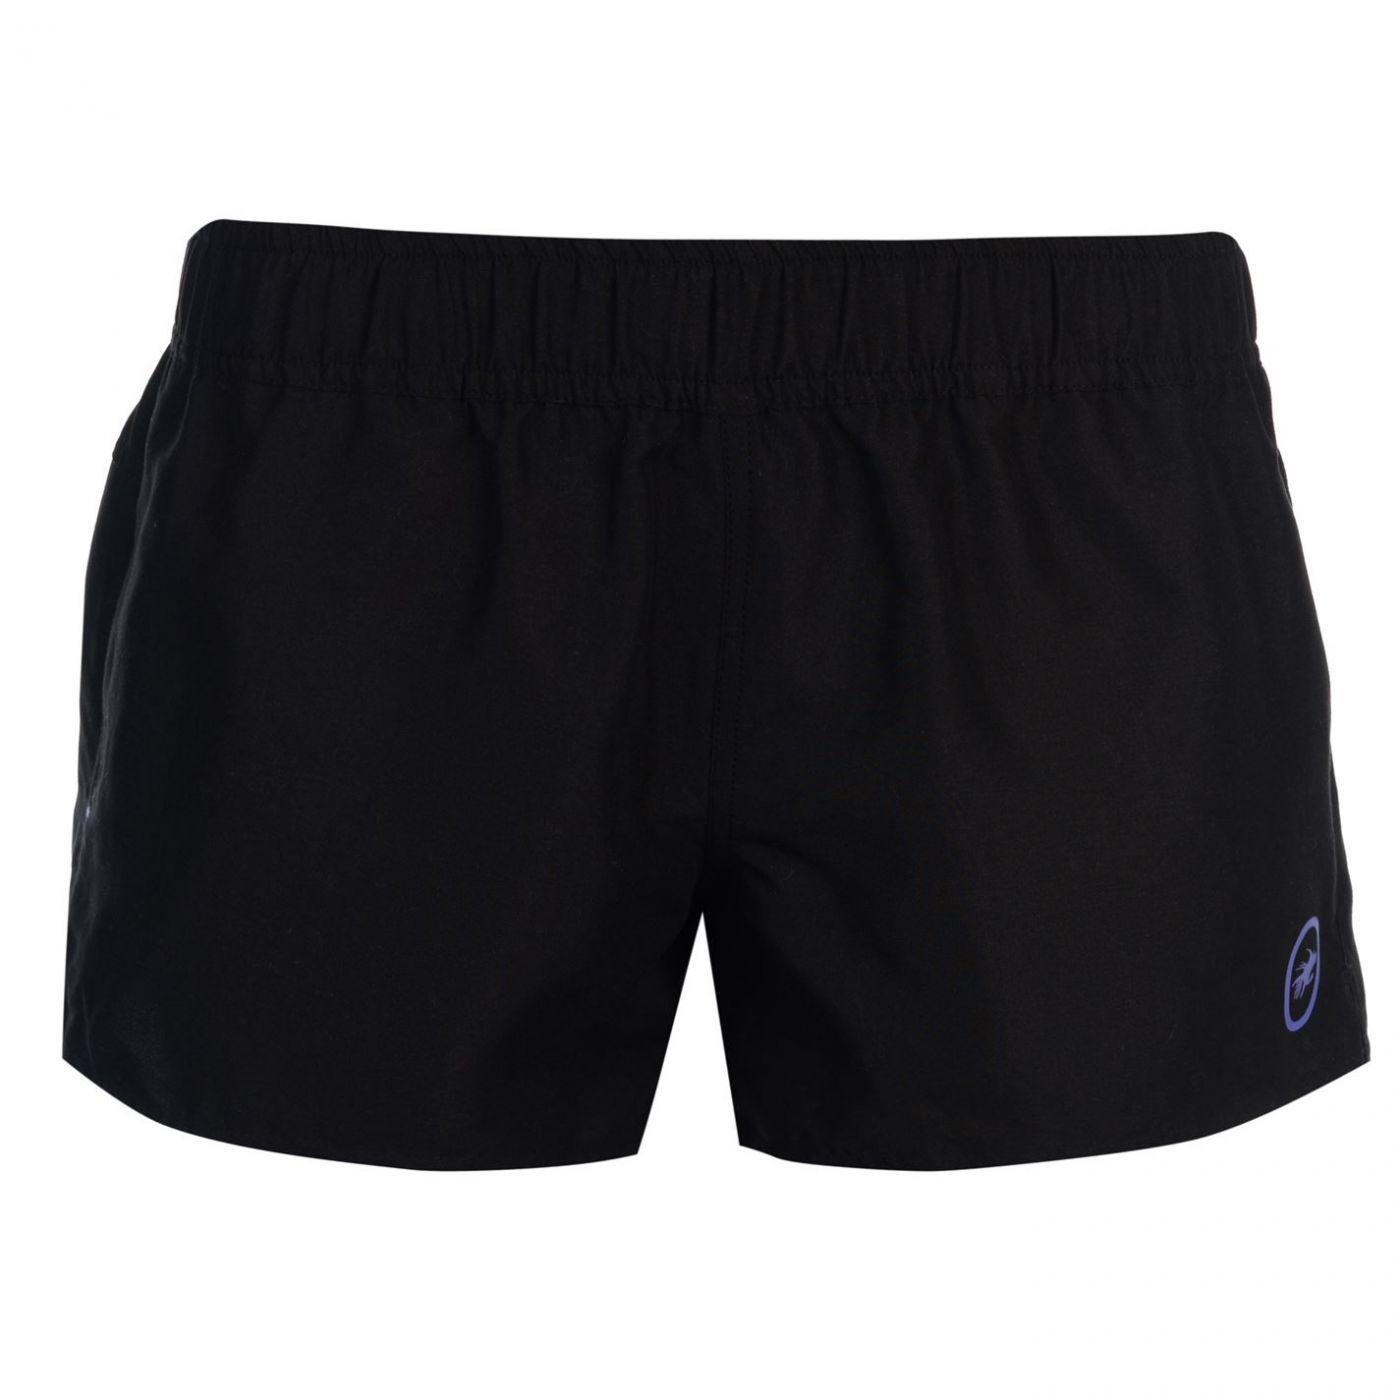 Hot Tuna Essential Shorts Ladies